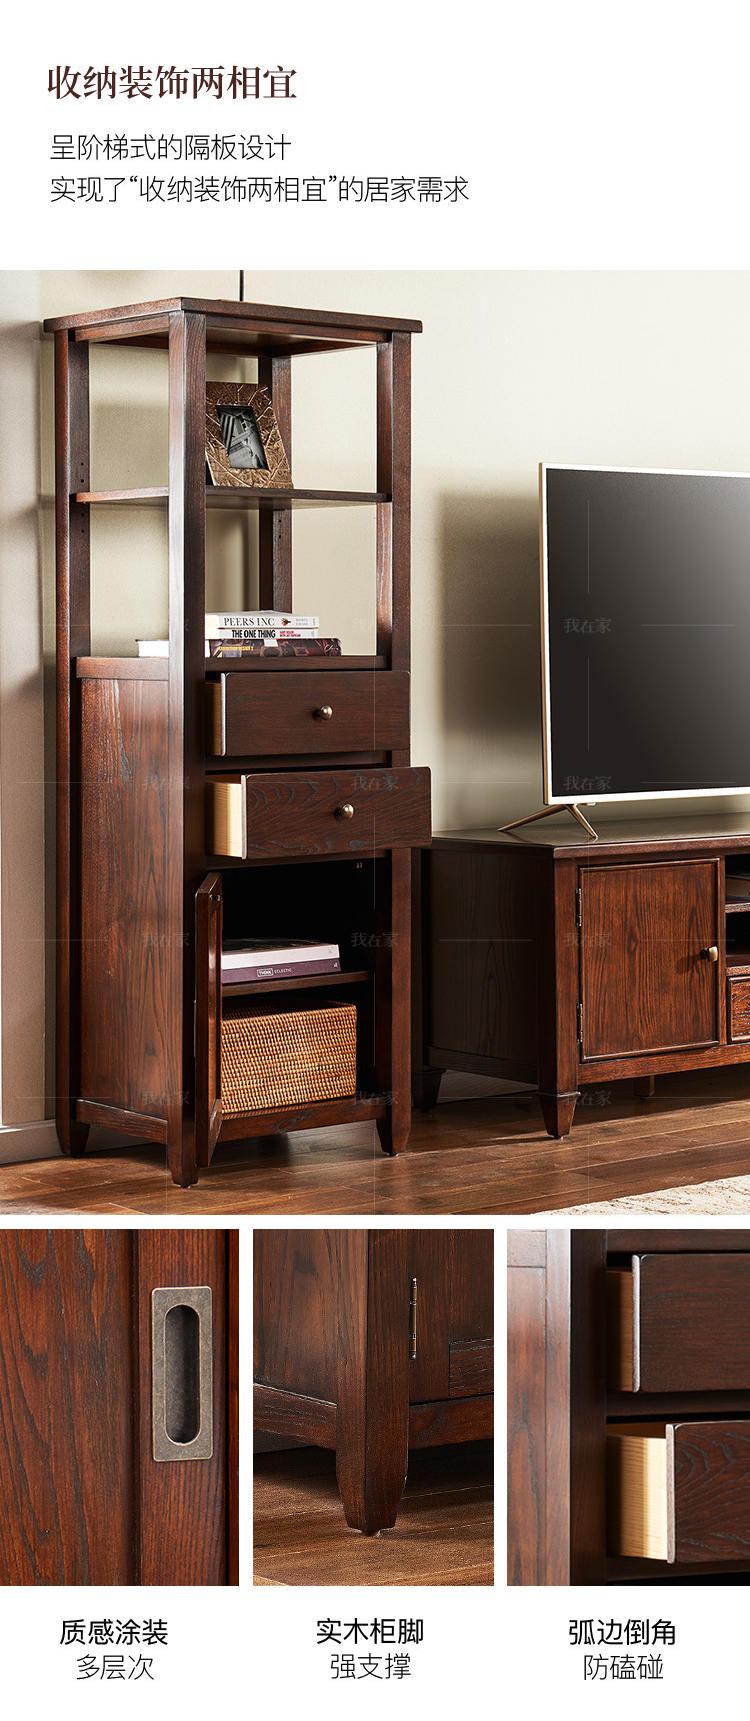 简约美式风格斯科特塔柜的家具详细介绍